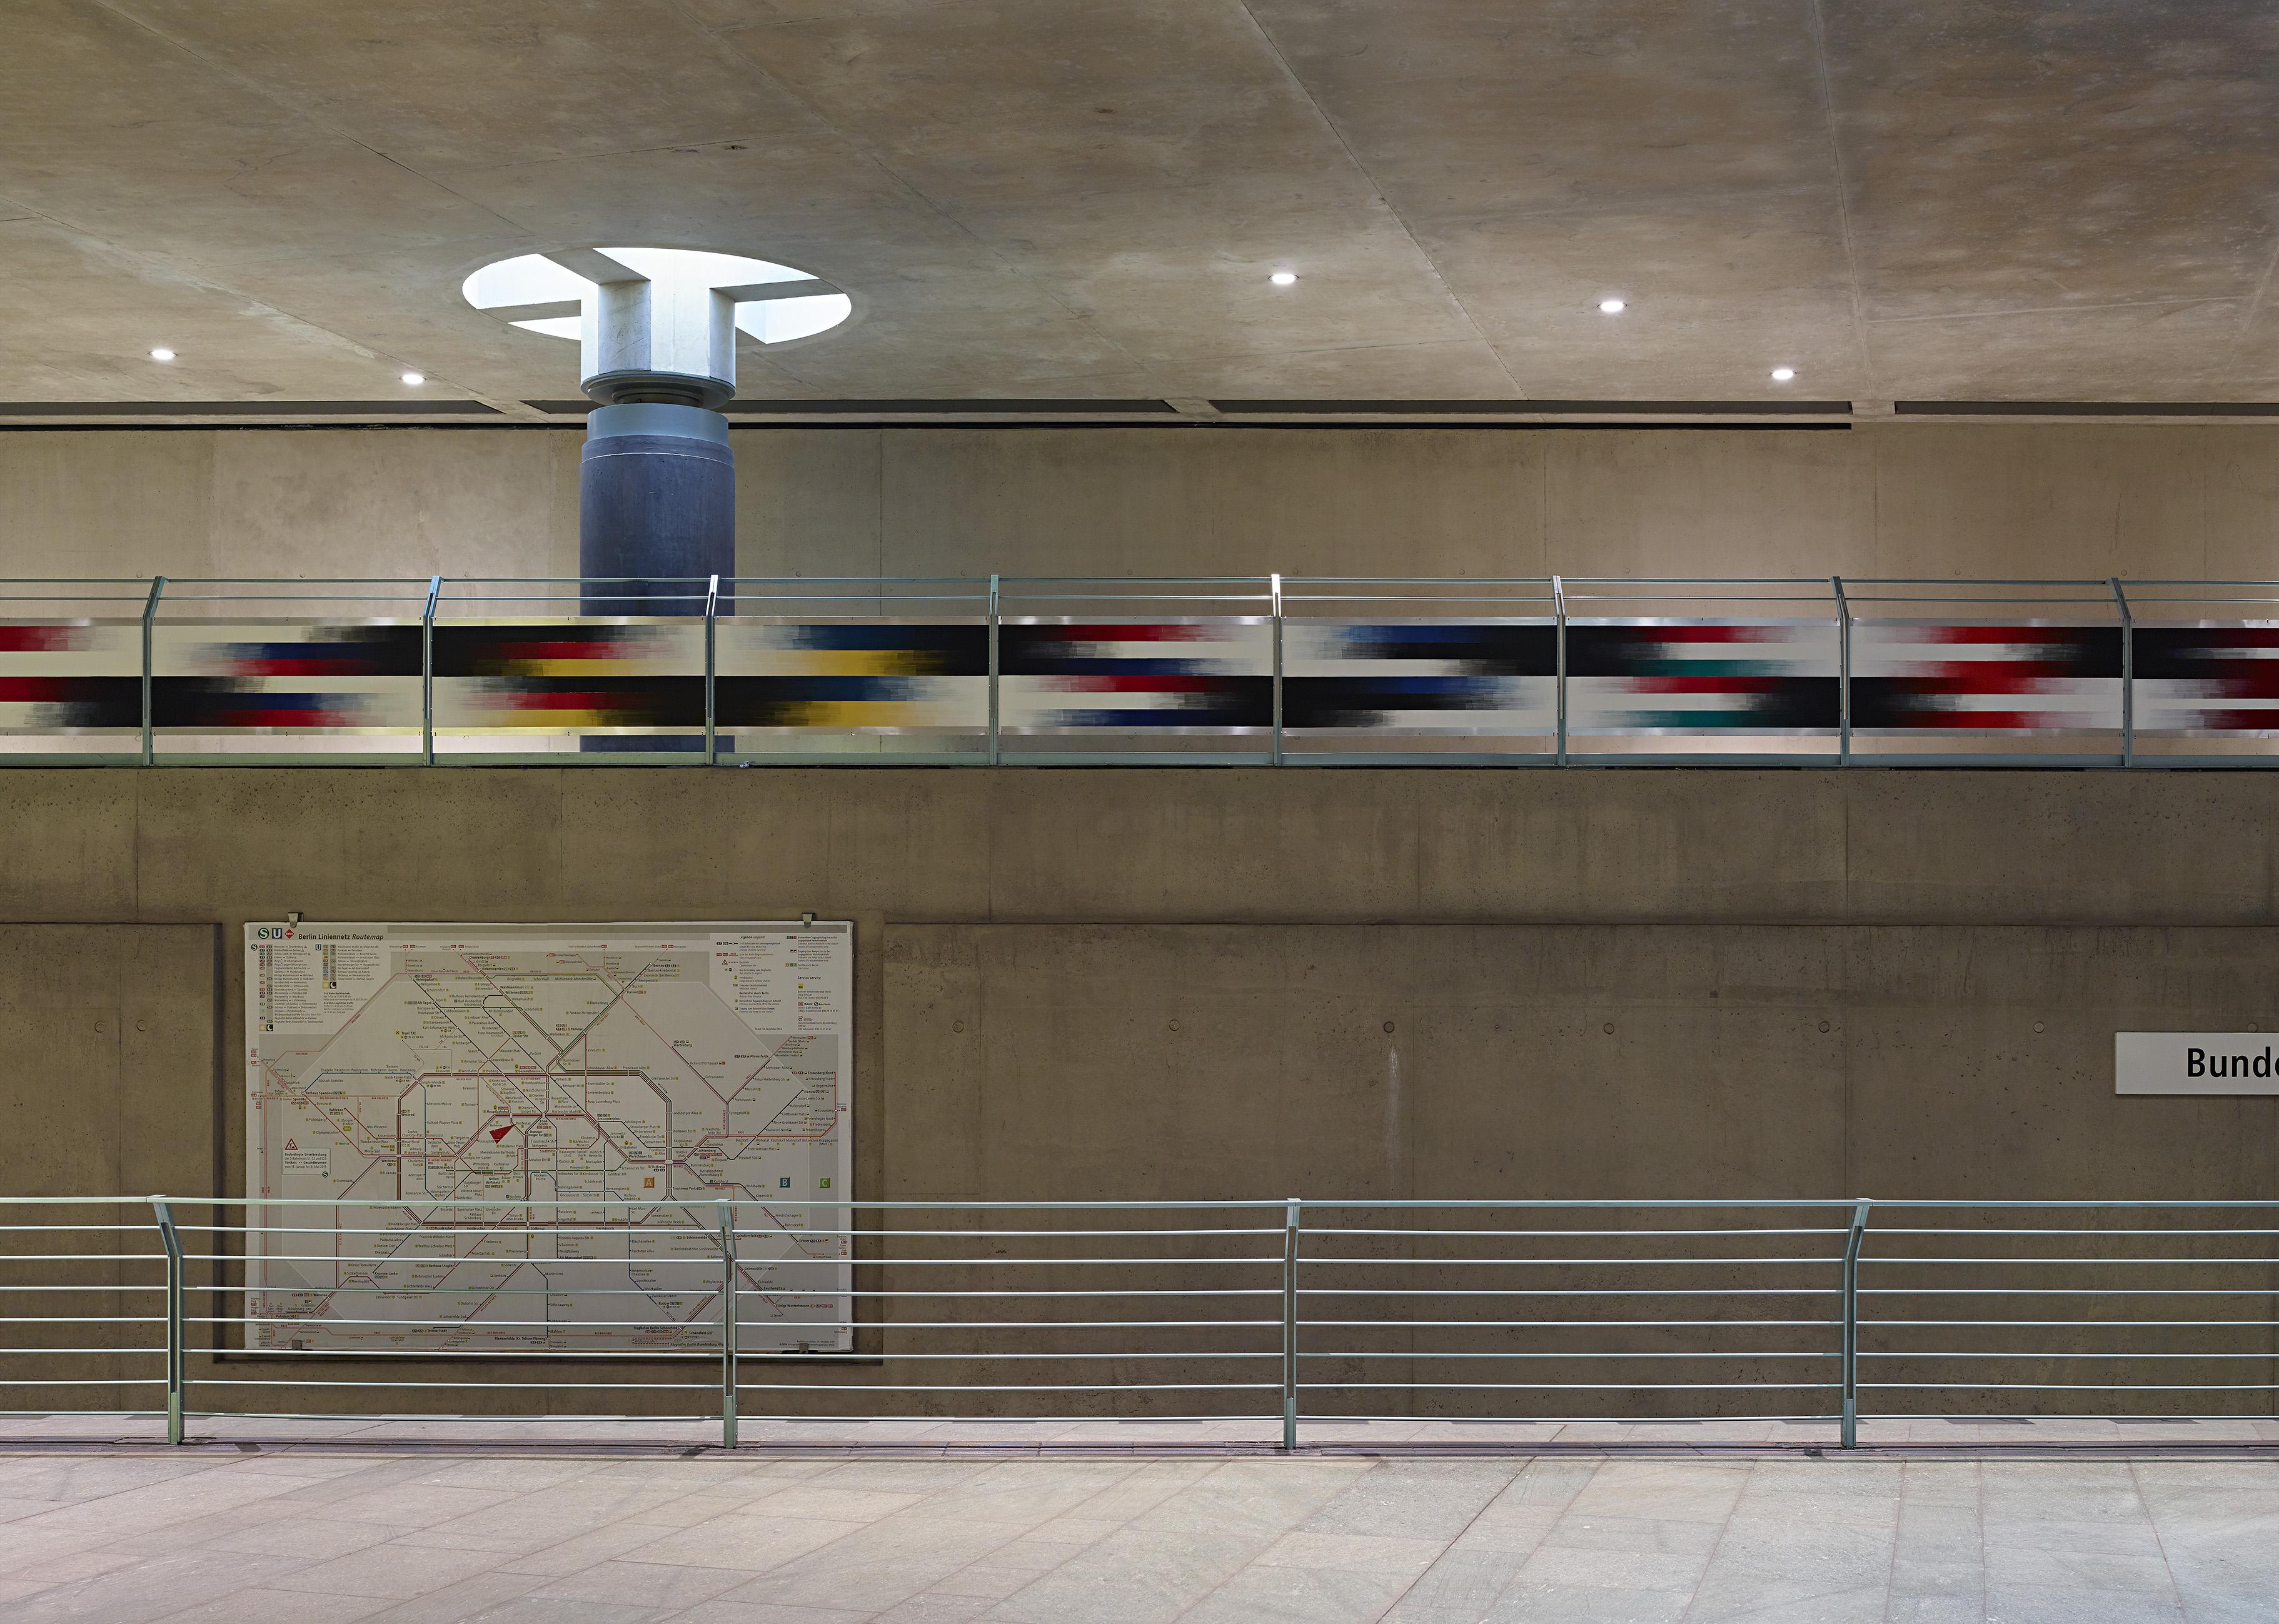 U-Bahnhof_Bundestag_Entfärben_Zu_Weiss_Zu_Schwarz_Elisabeth_Sonneck_Foto_Michel_Bonvin